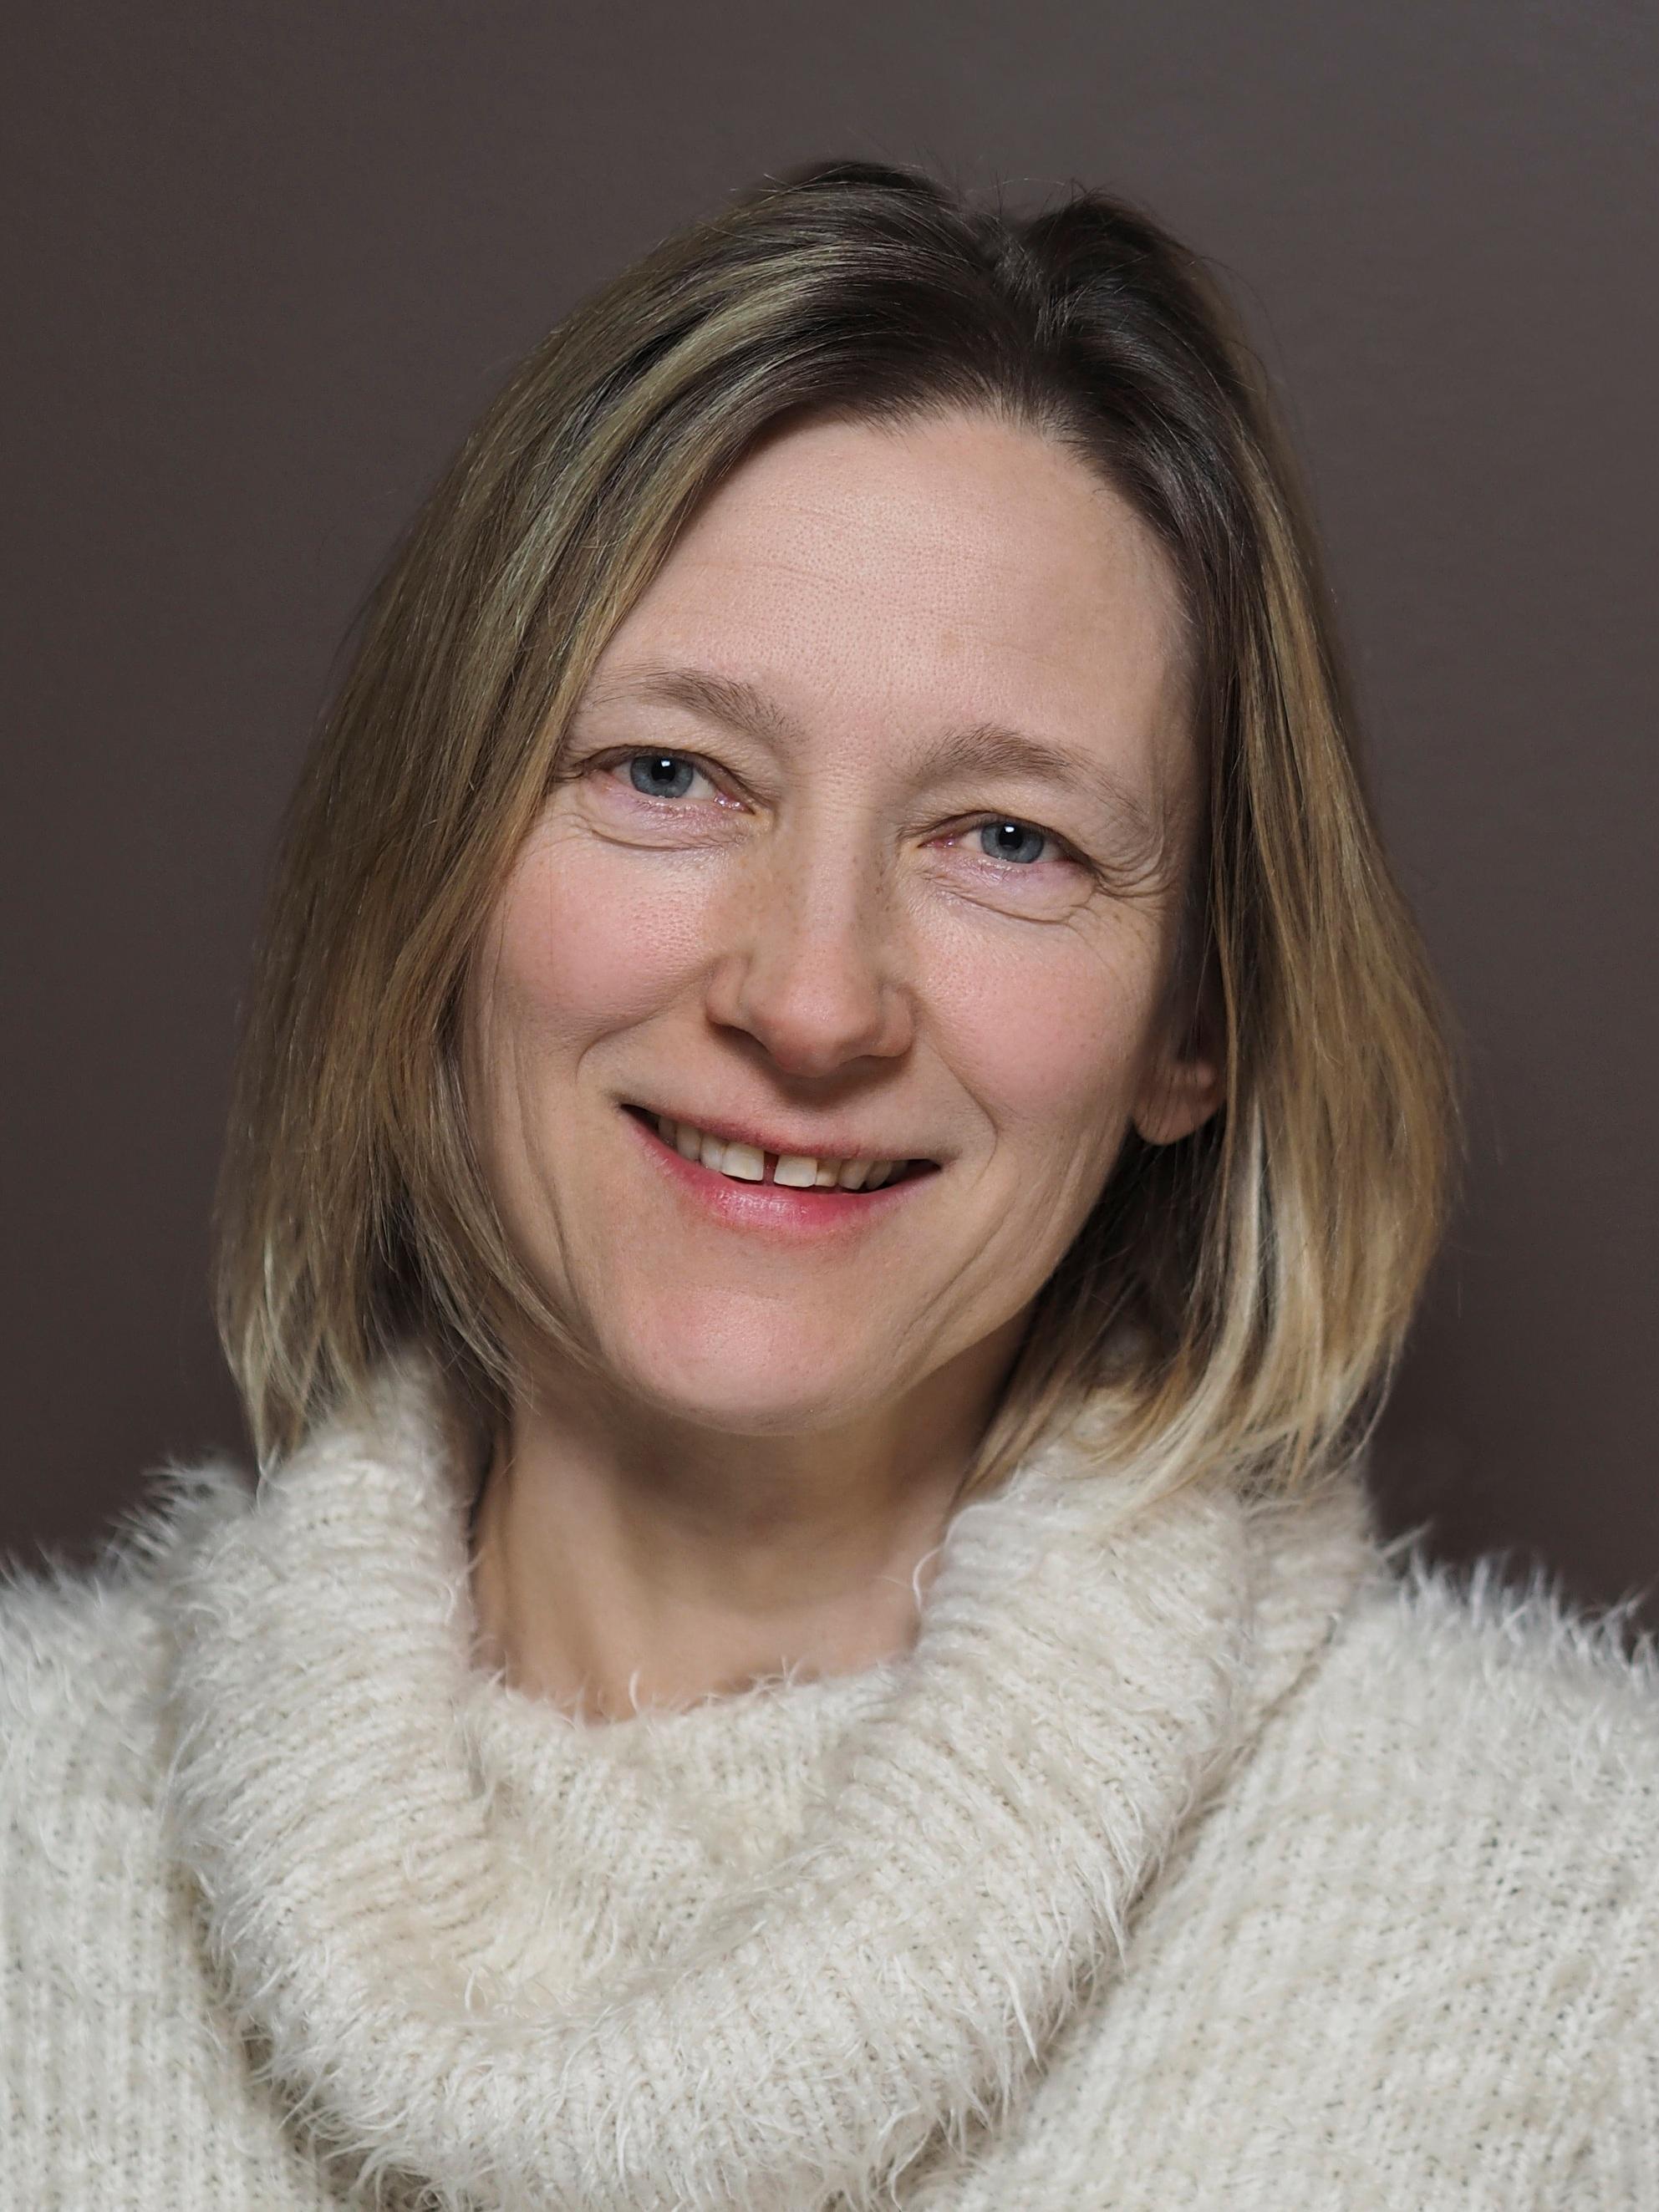 Janne Hagen